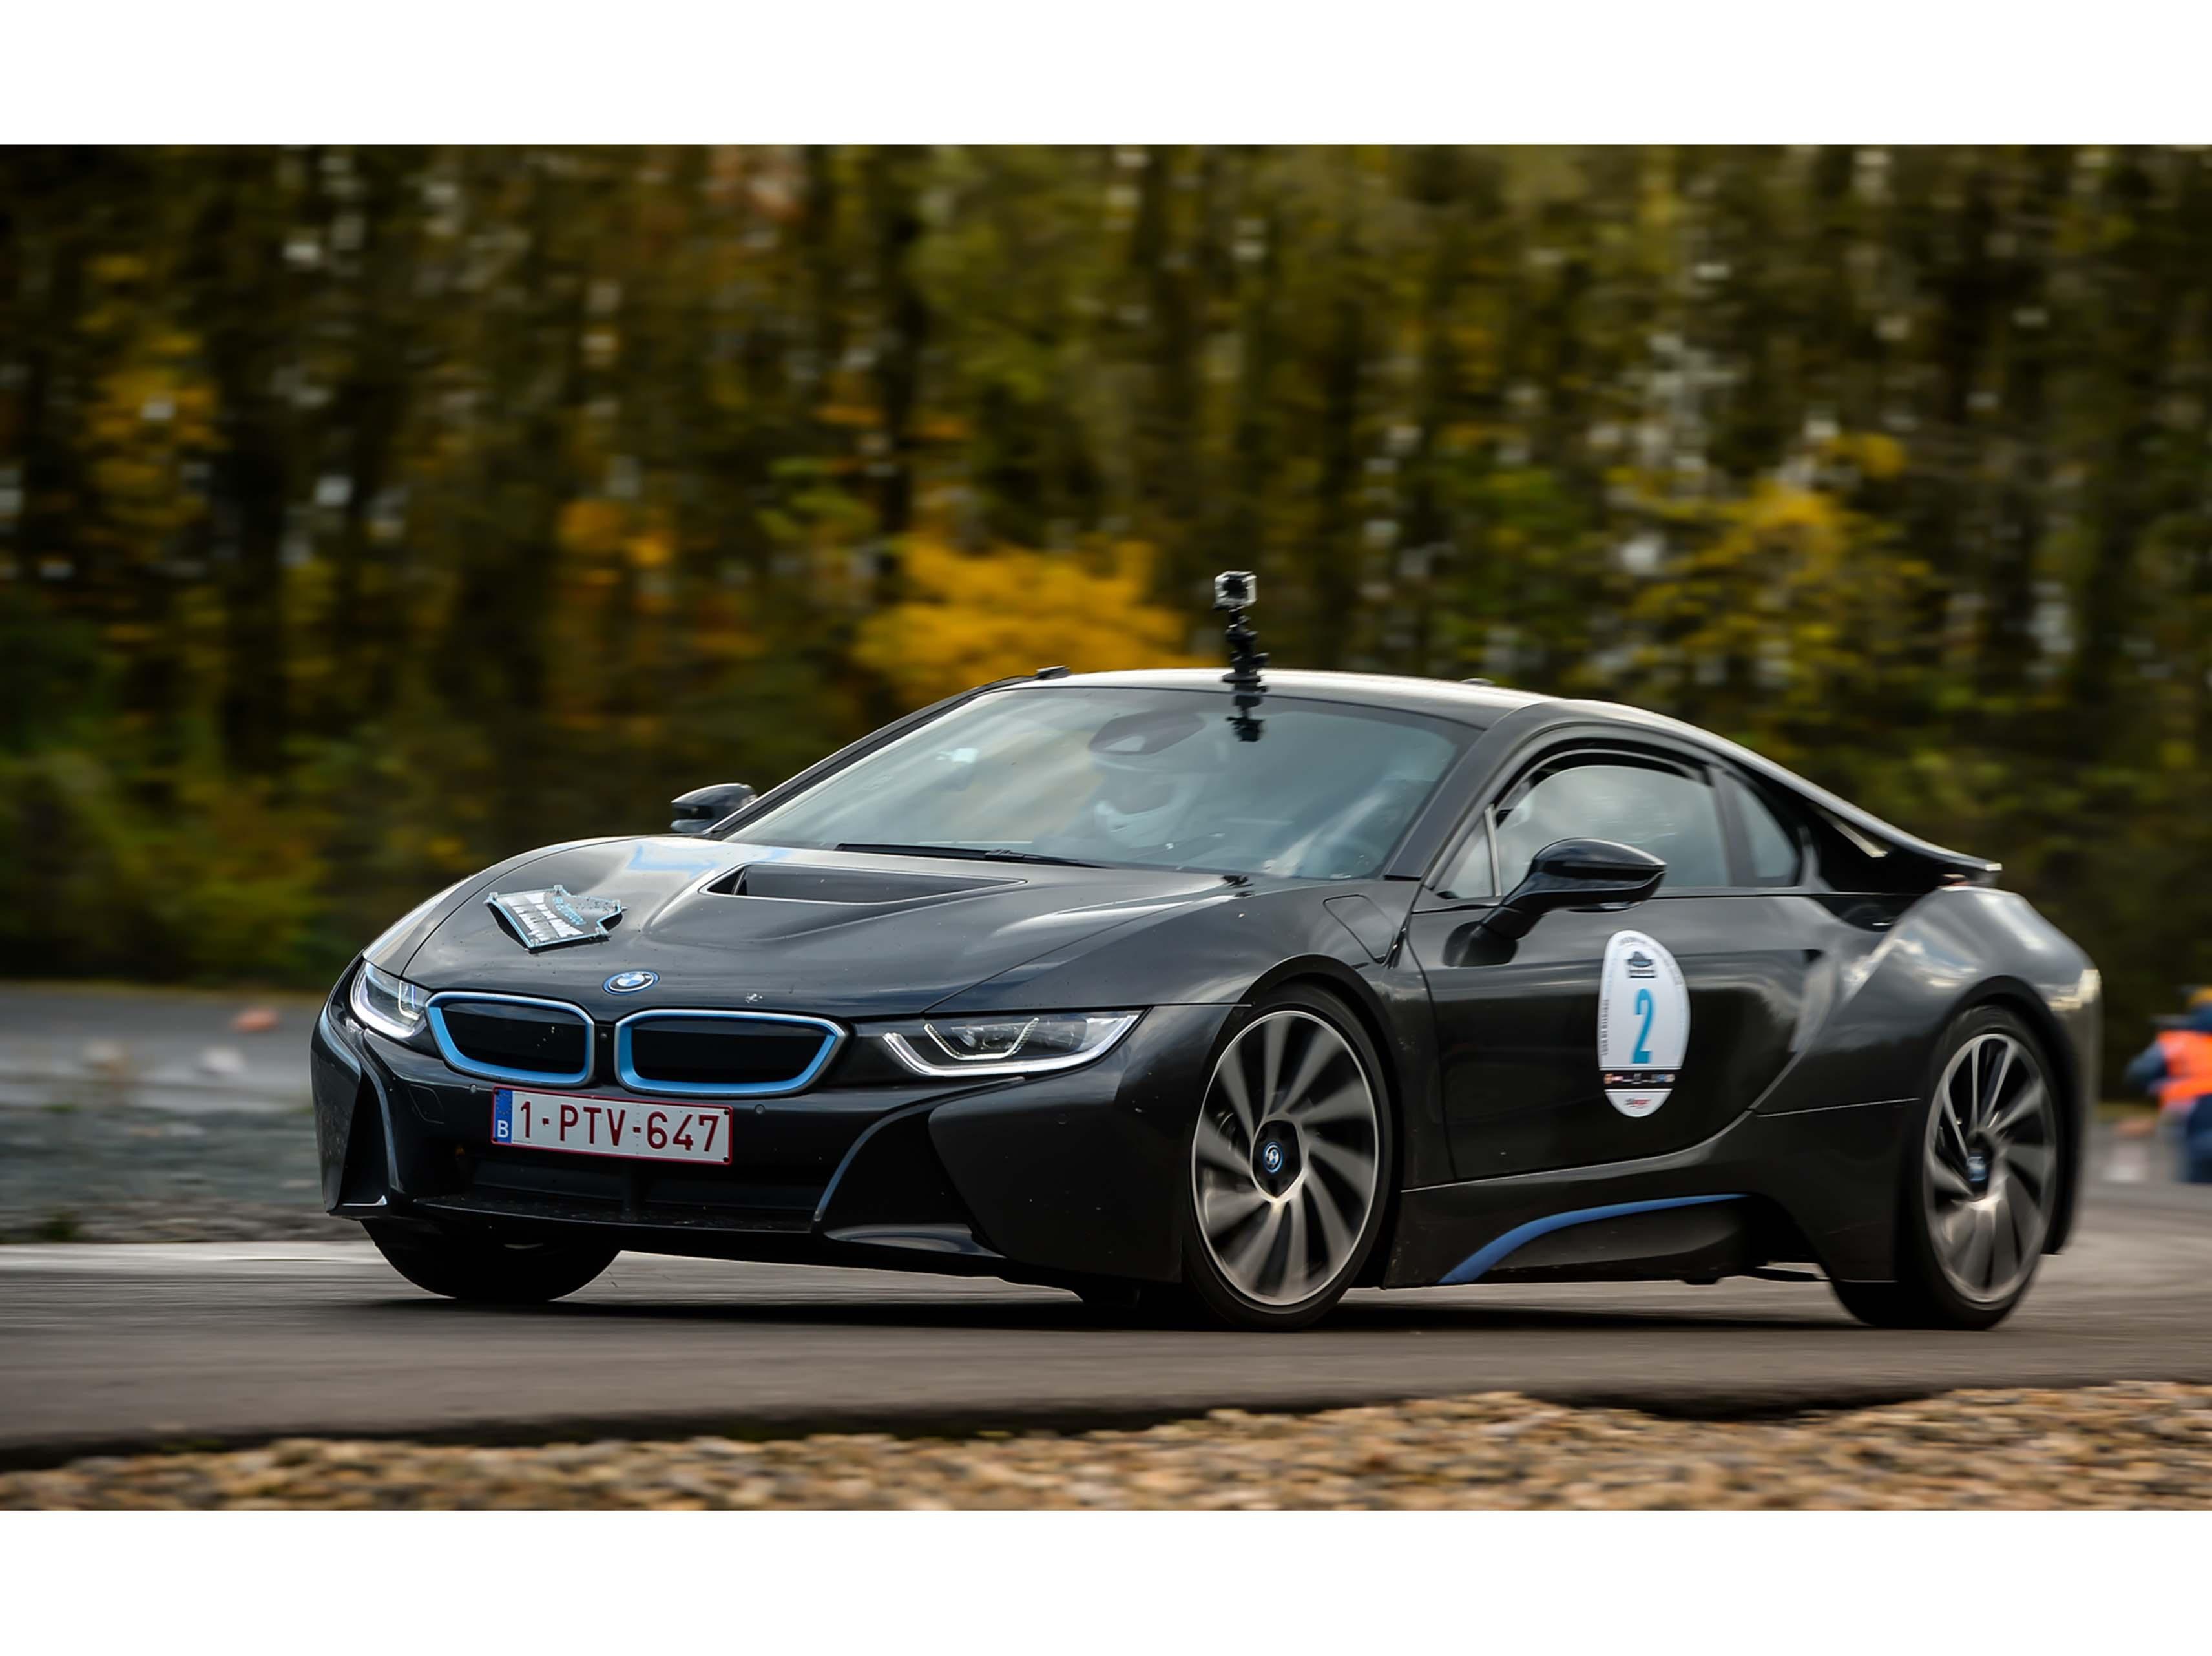 Een BMW i8 wint de Tour de Belgique New Energy 2016